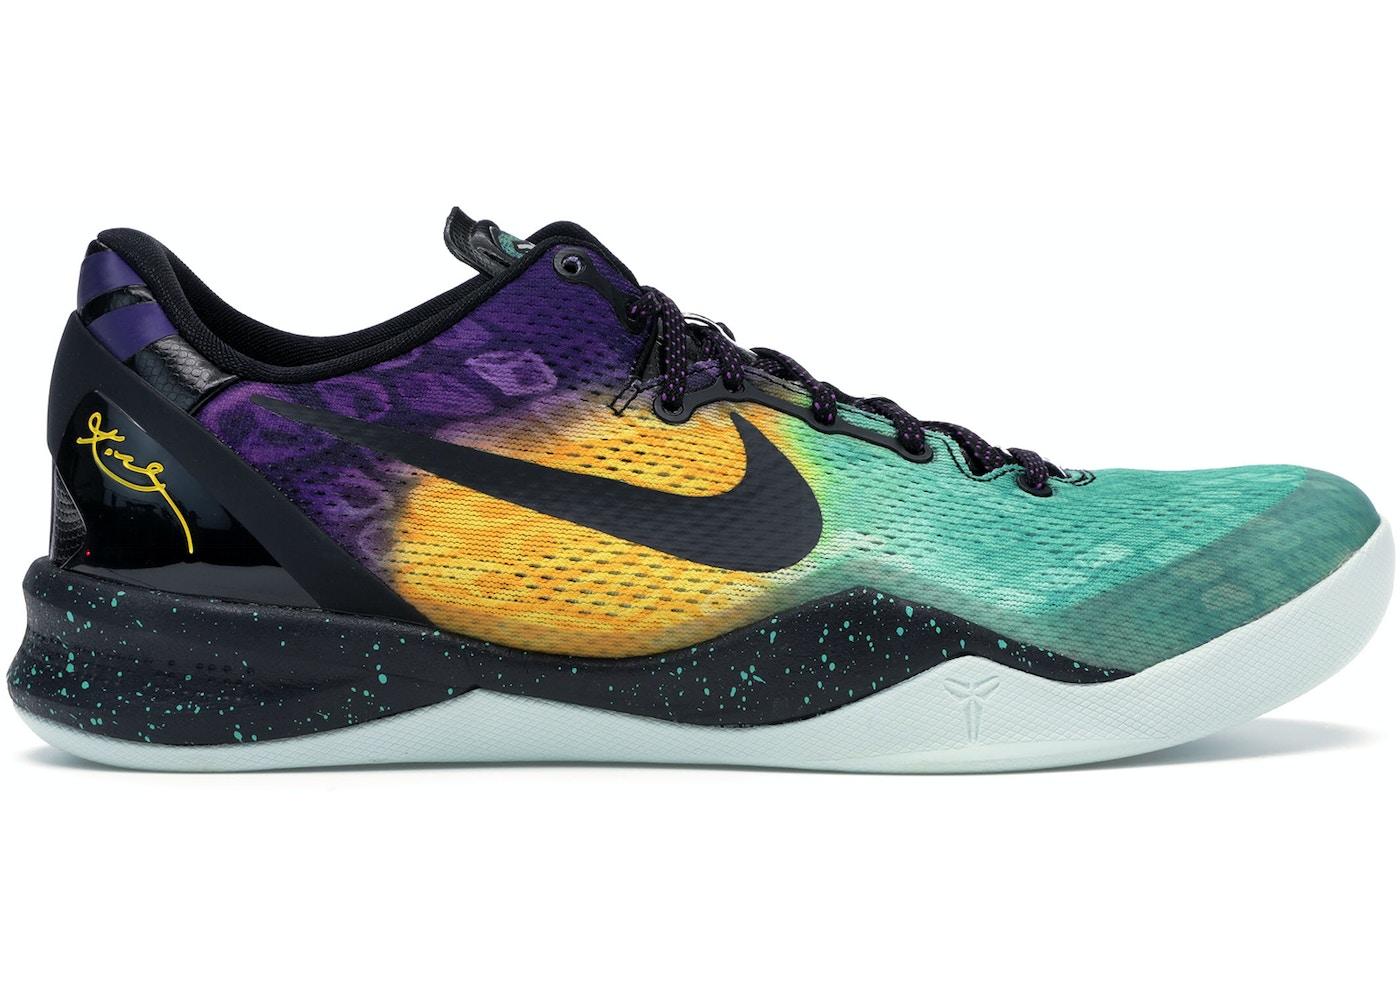 d13549d4d64 Buy Nike Kobe Shoes   Deadstock Sneakers